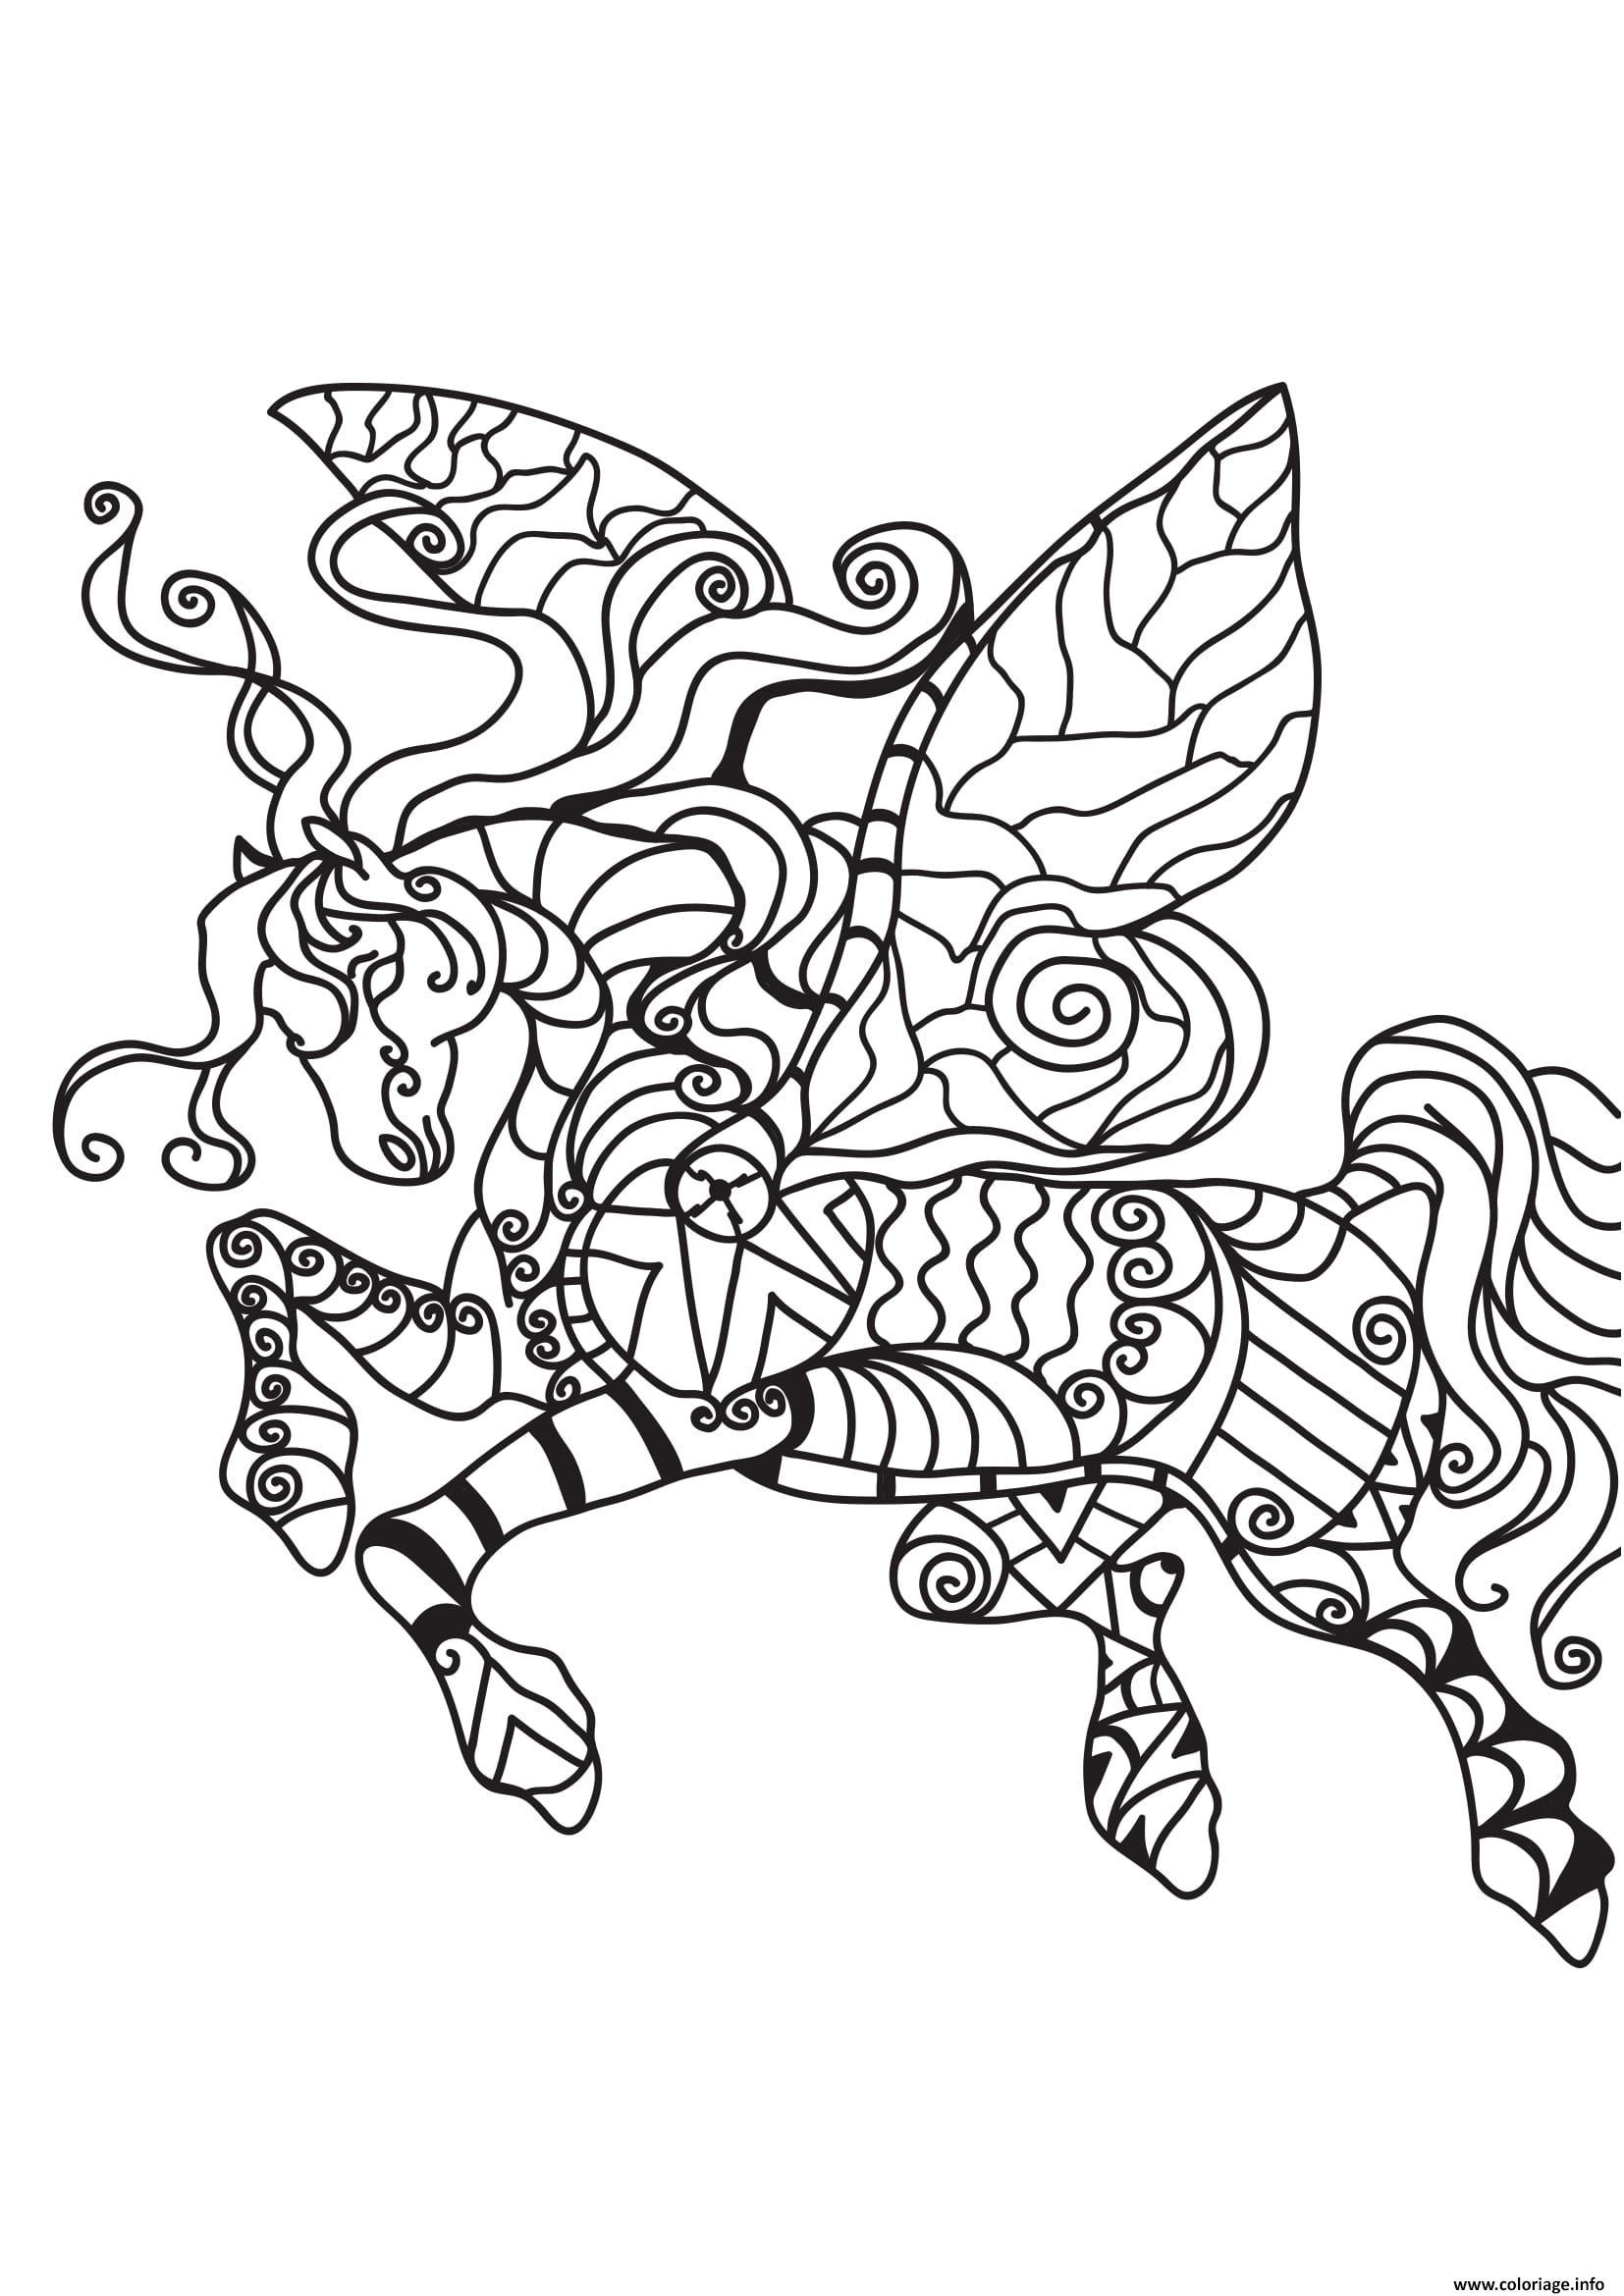 Dessin adulte cheval licorne dans les airs Coloriage Gratuit à Imprimer